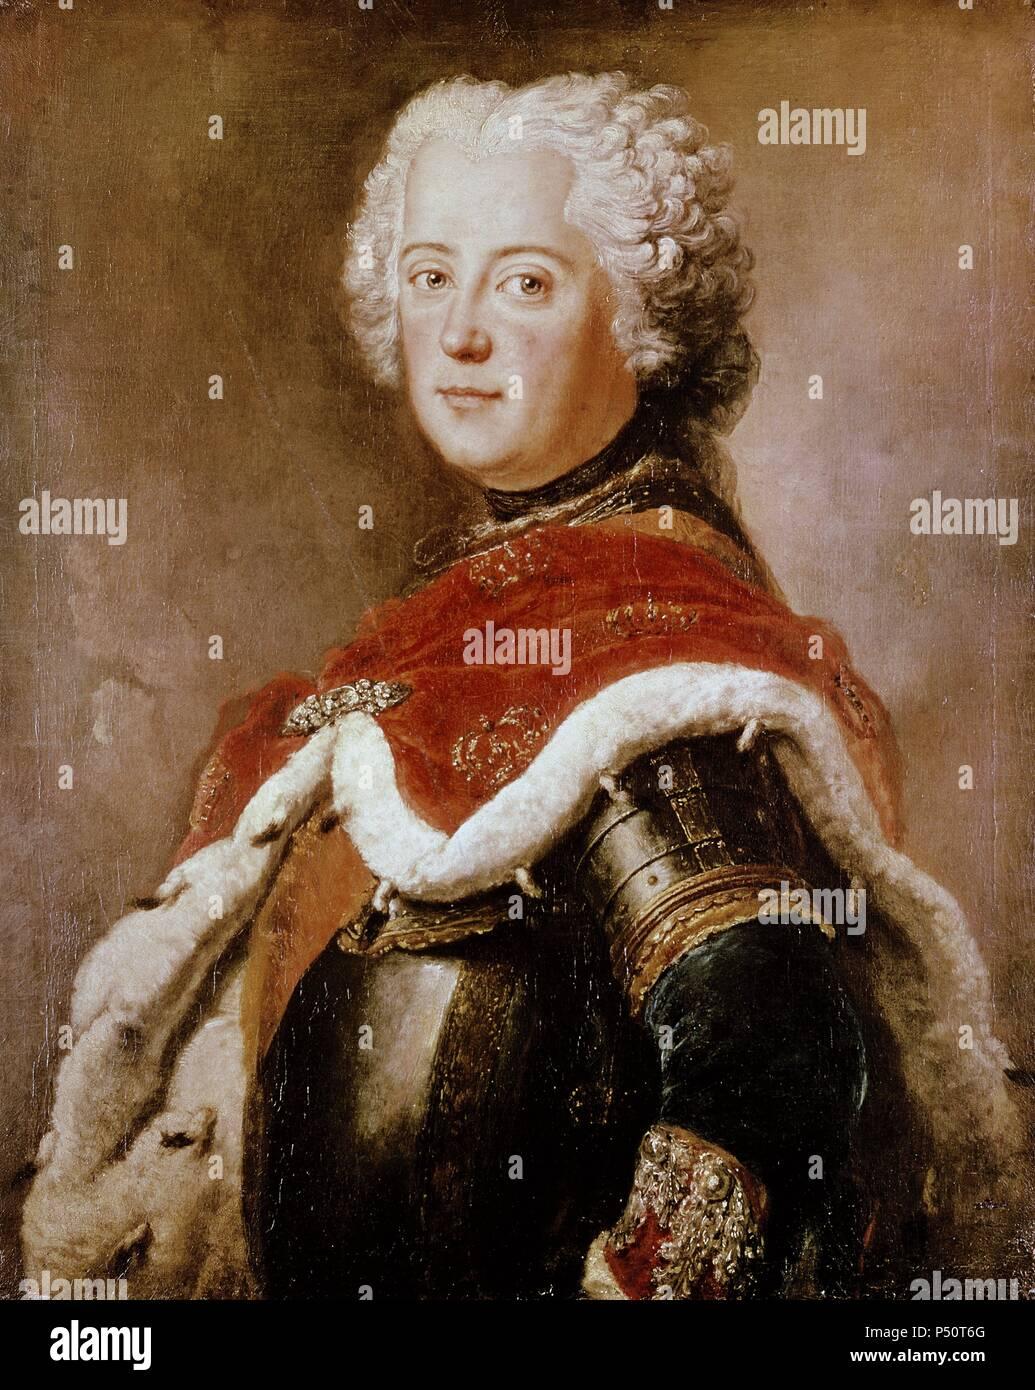 FEDERICO II 'el Grande' o 'el Unico' (1712-1786). Rey de Prusia (1740-1786) . - Stock Image